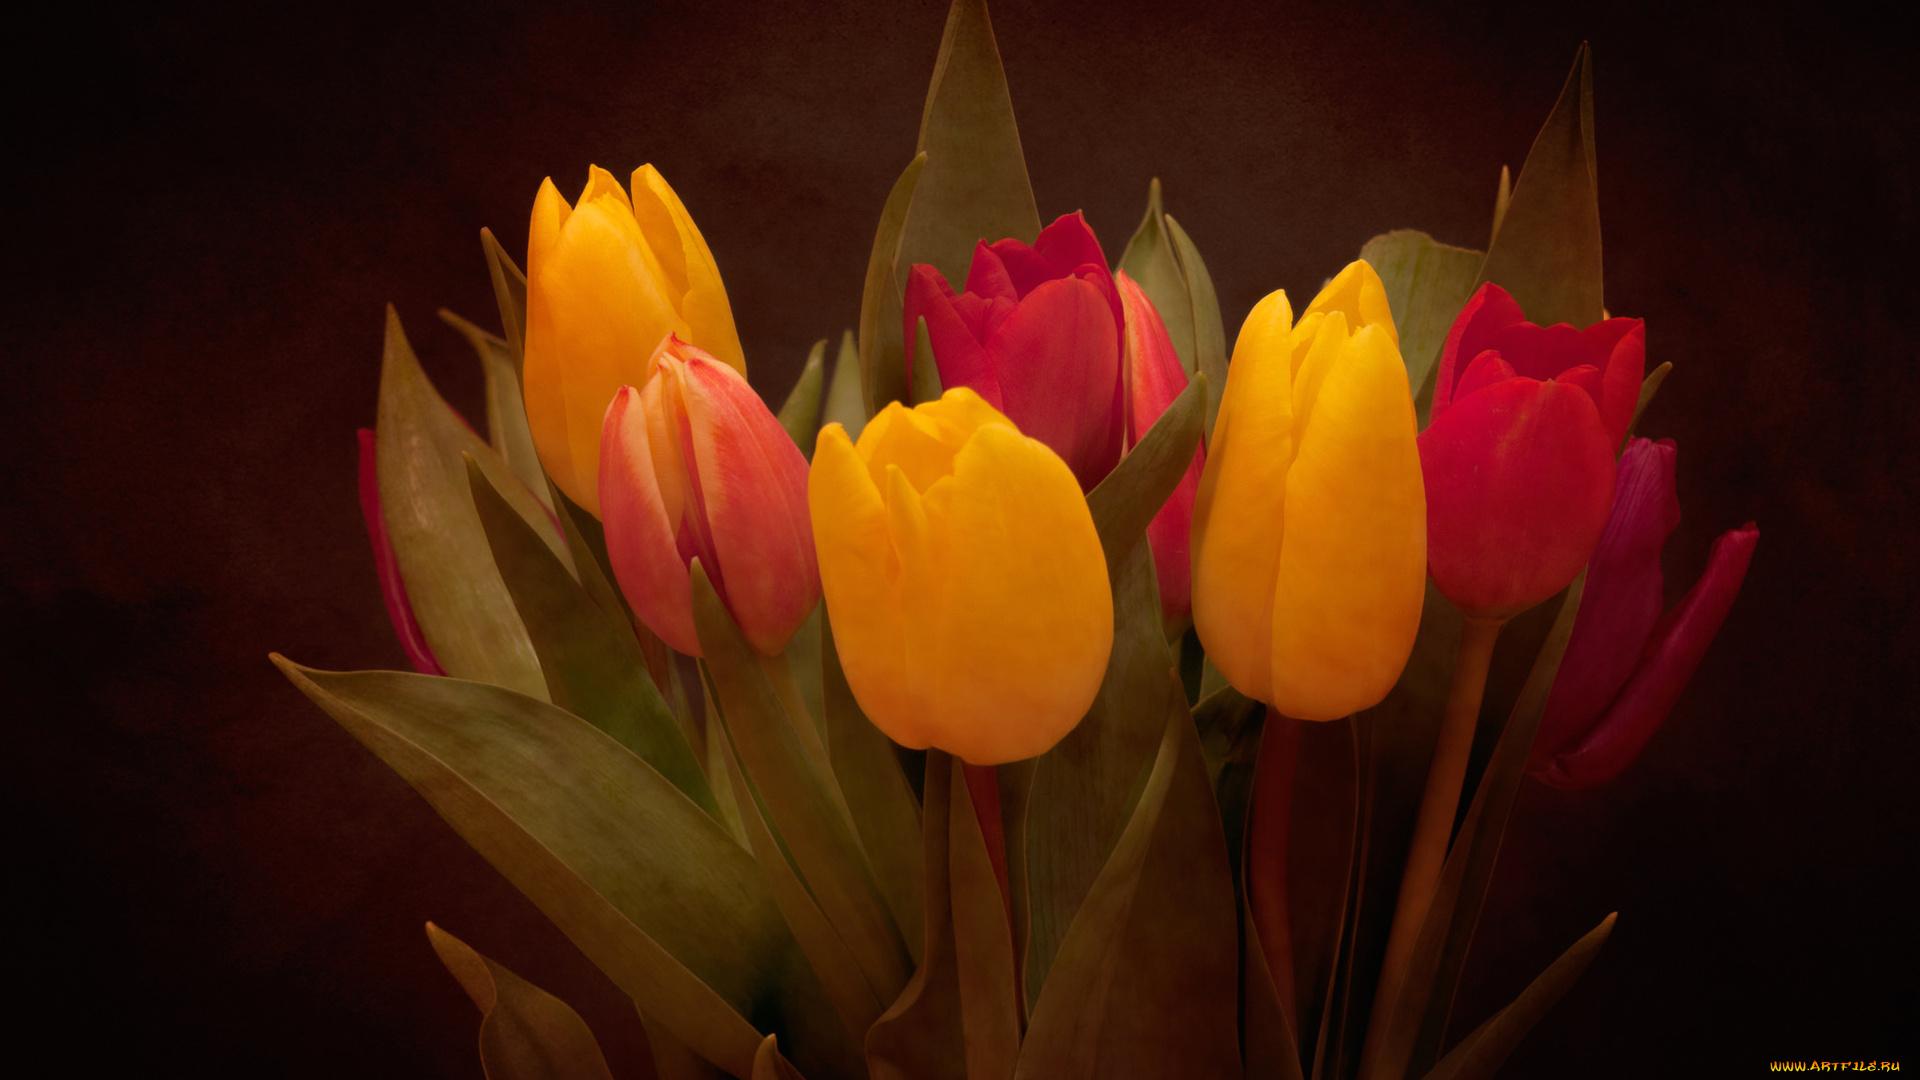 букет,тюльпаны,листья  № 415758 загрузить